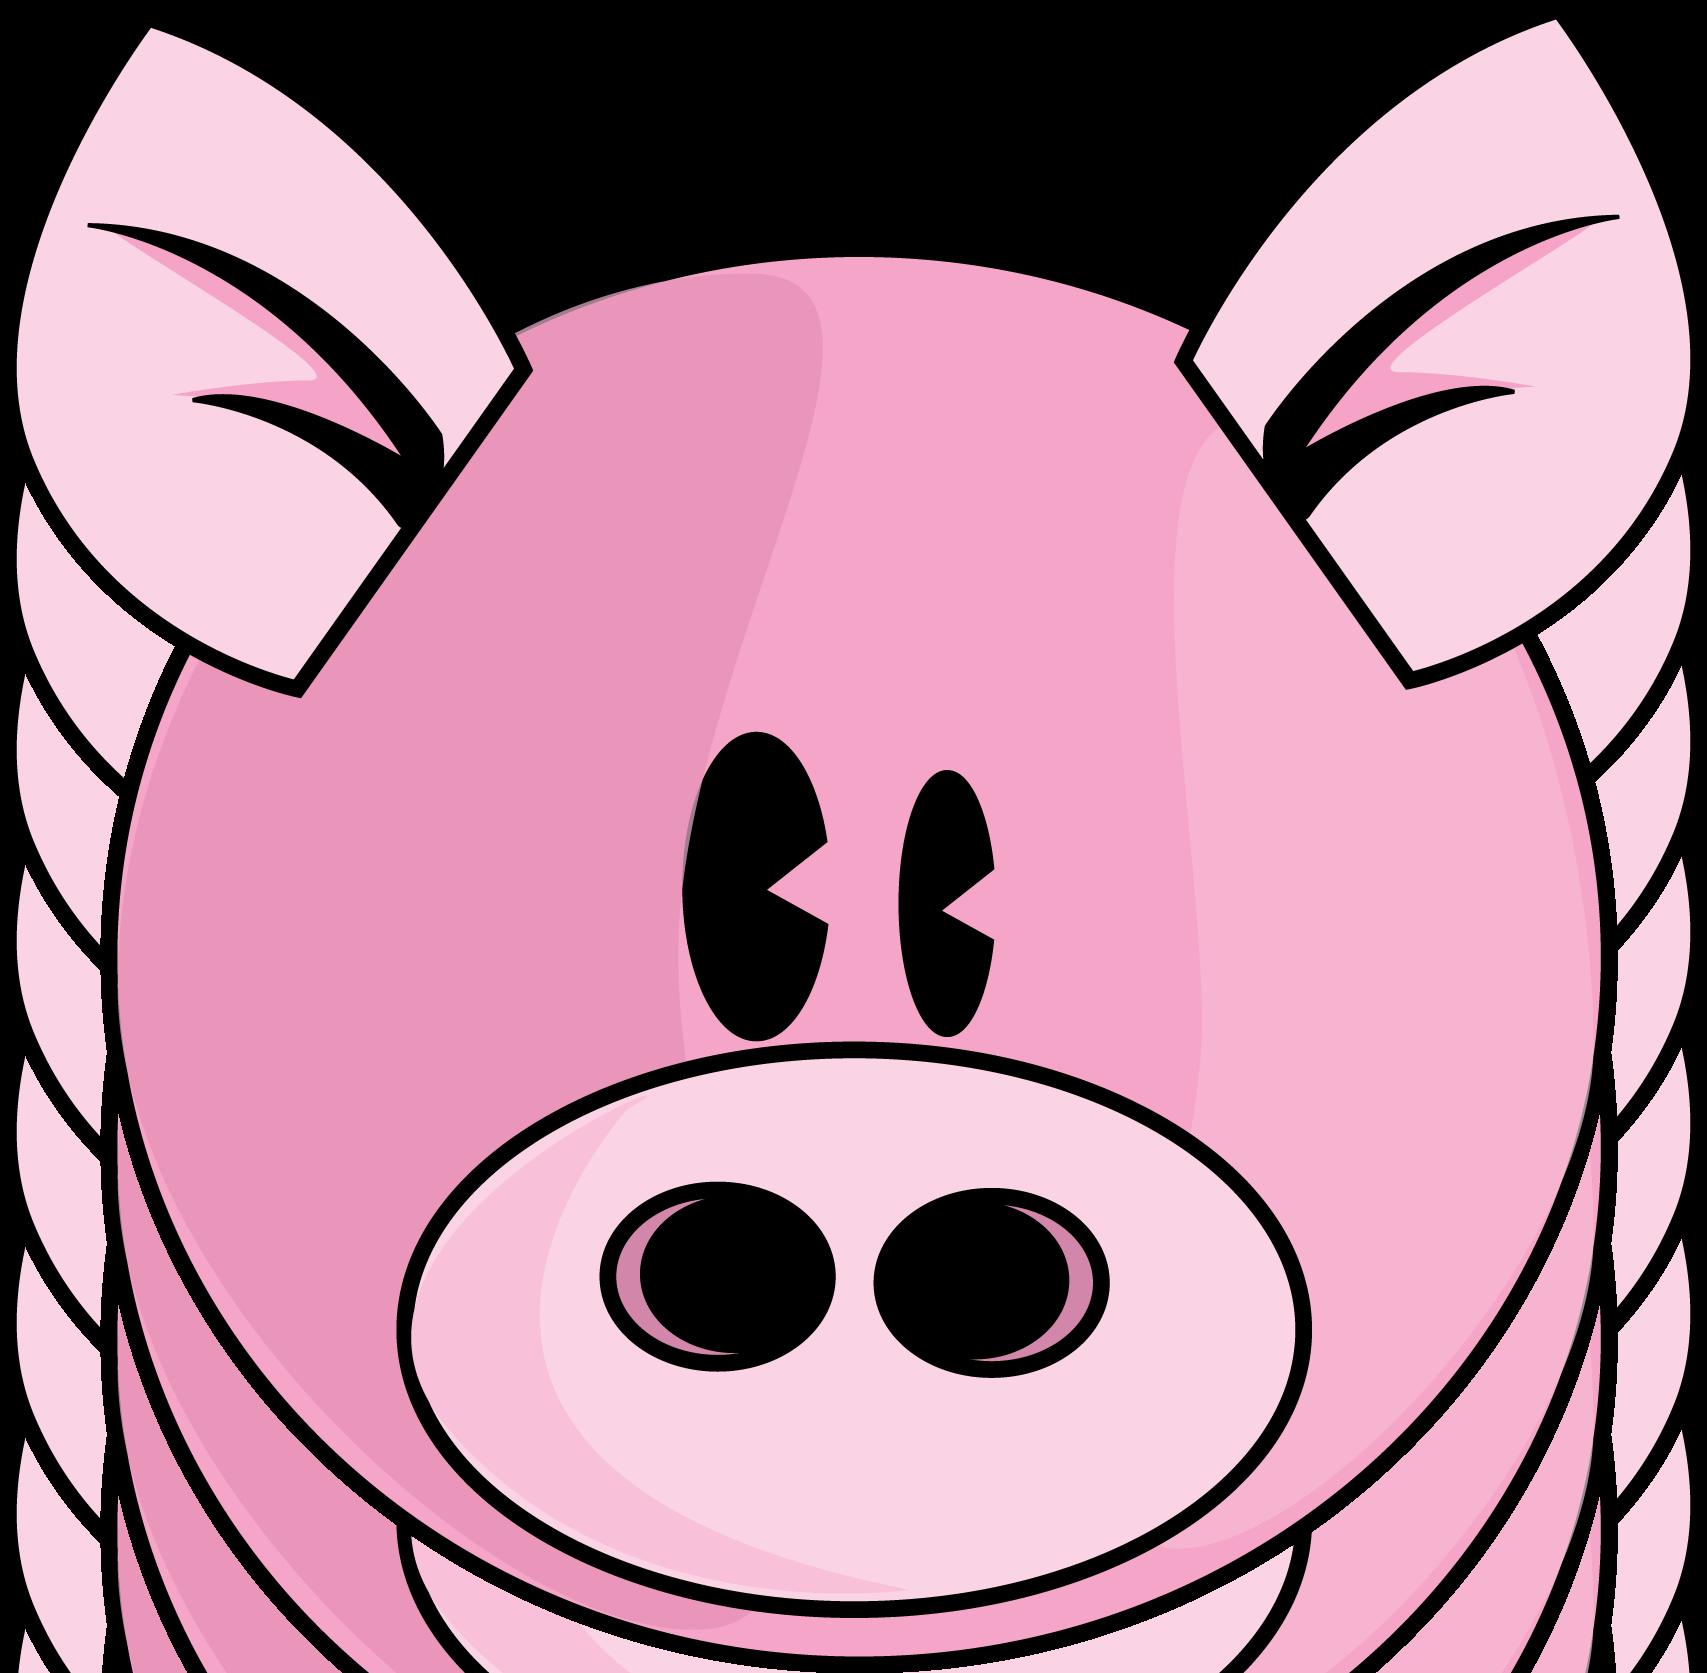 Pig face clip art